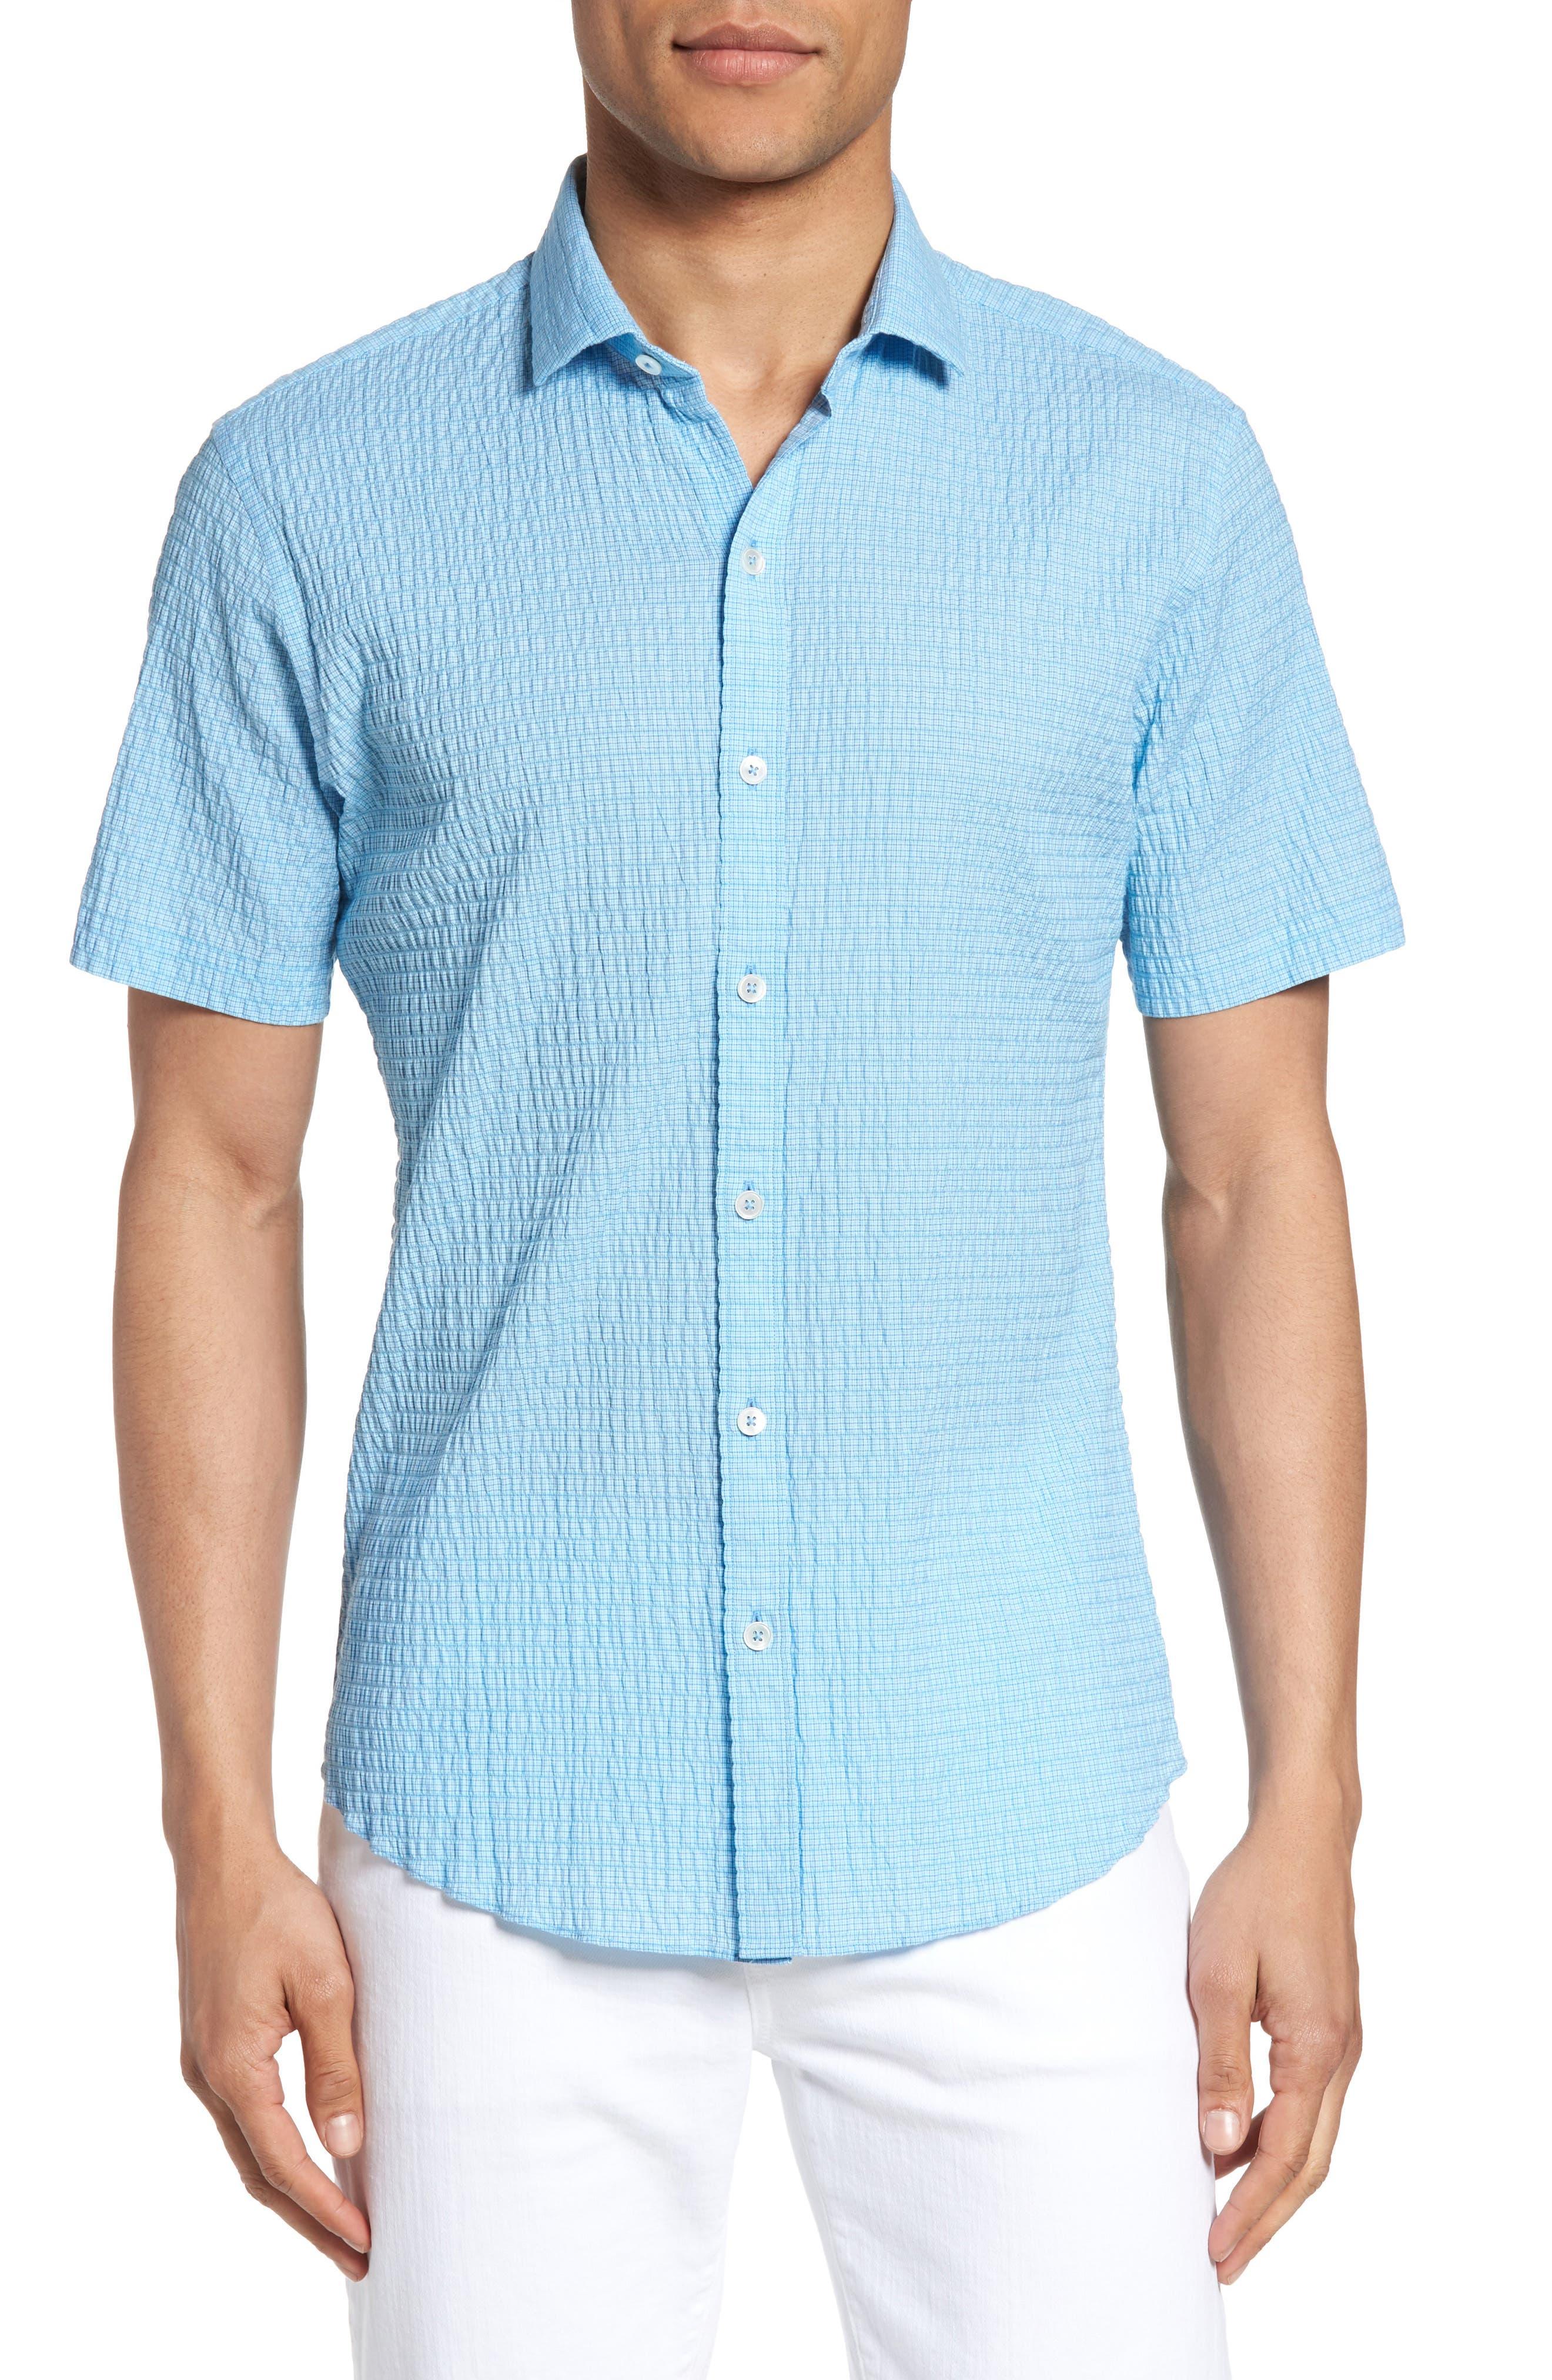 Morales Sport Shirt,                             Main thumbnail 1, color,                             439